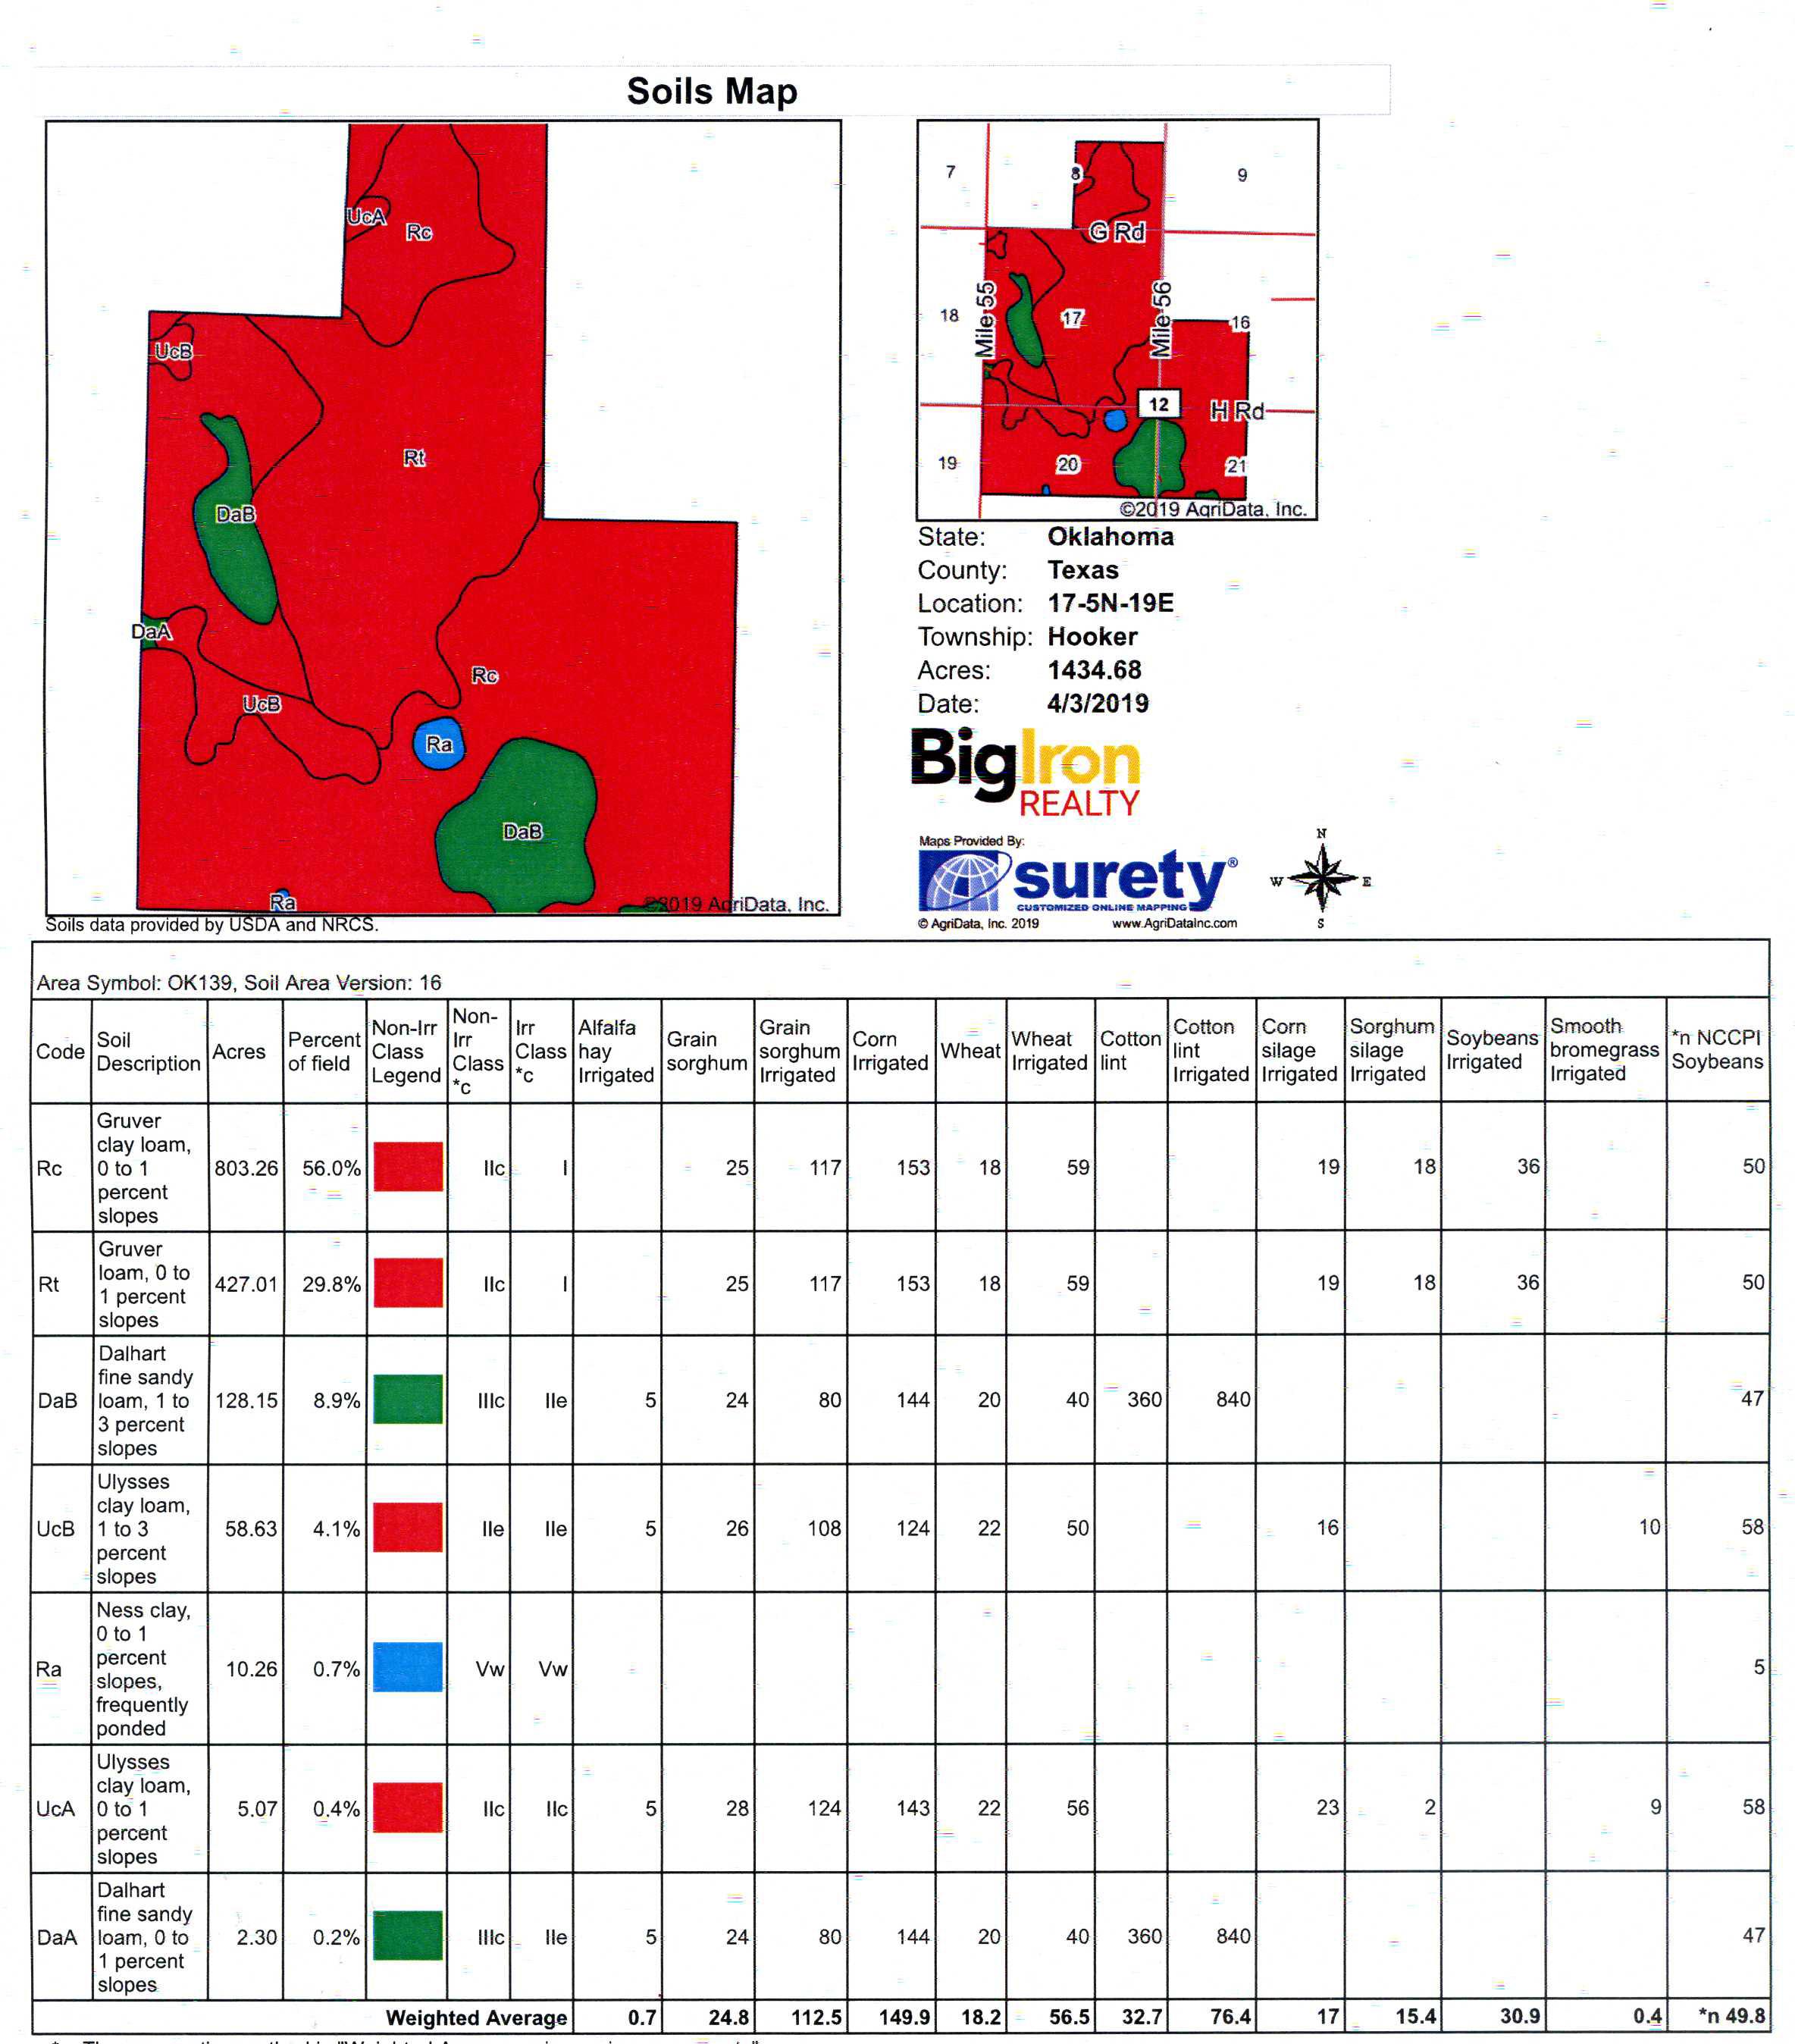 Soil Map_BIR1006